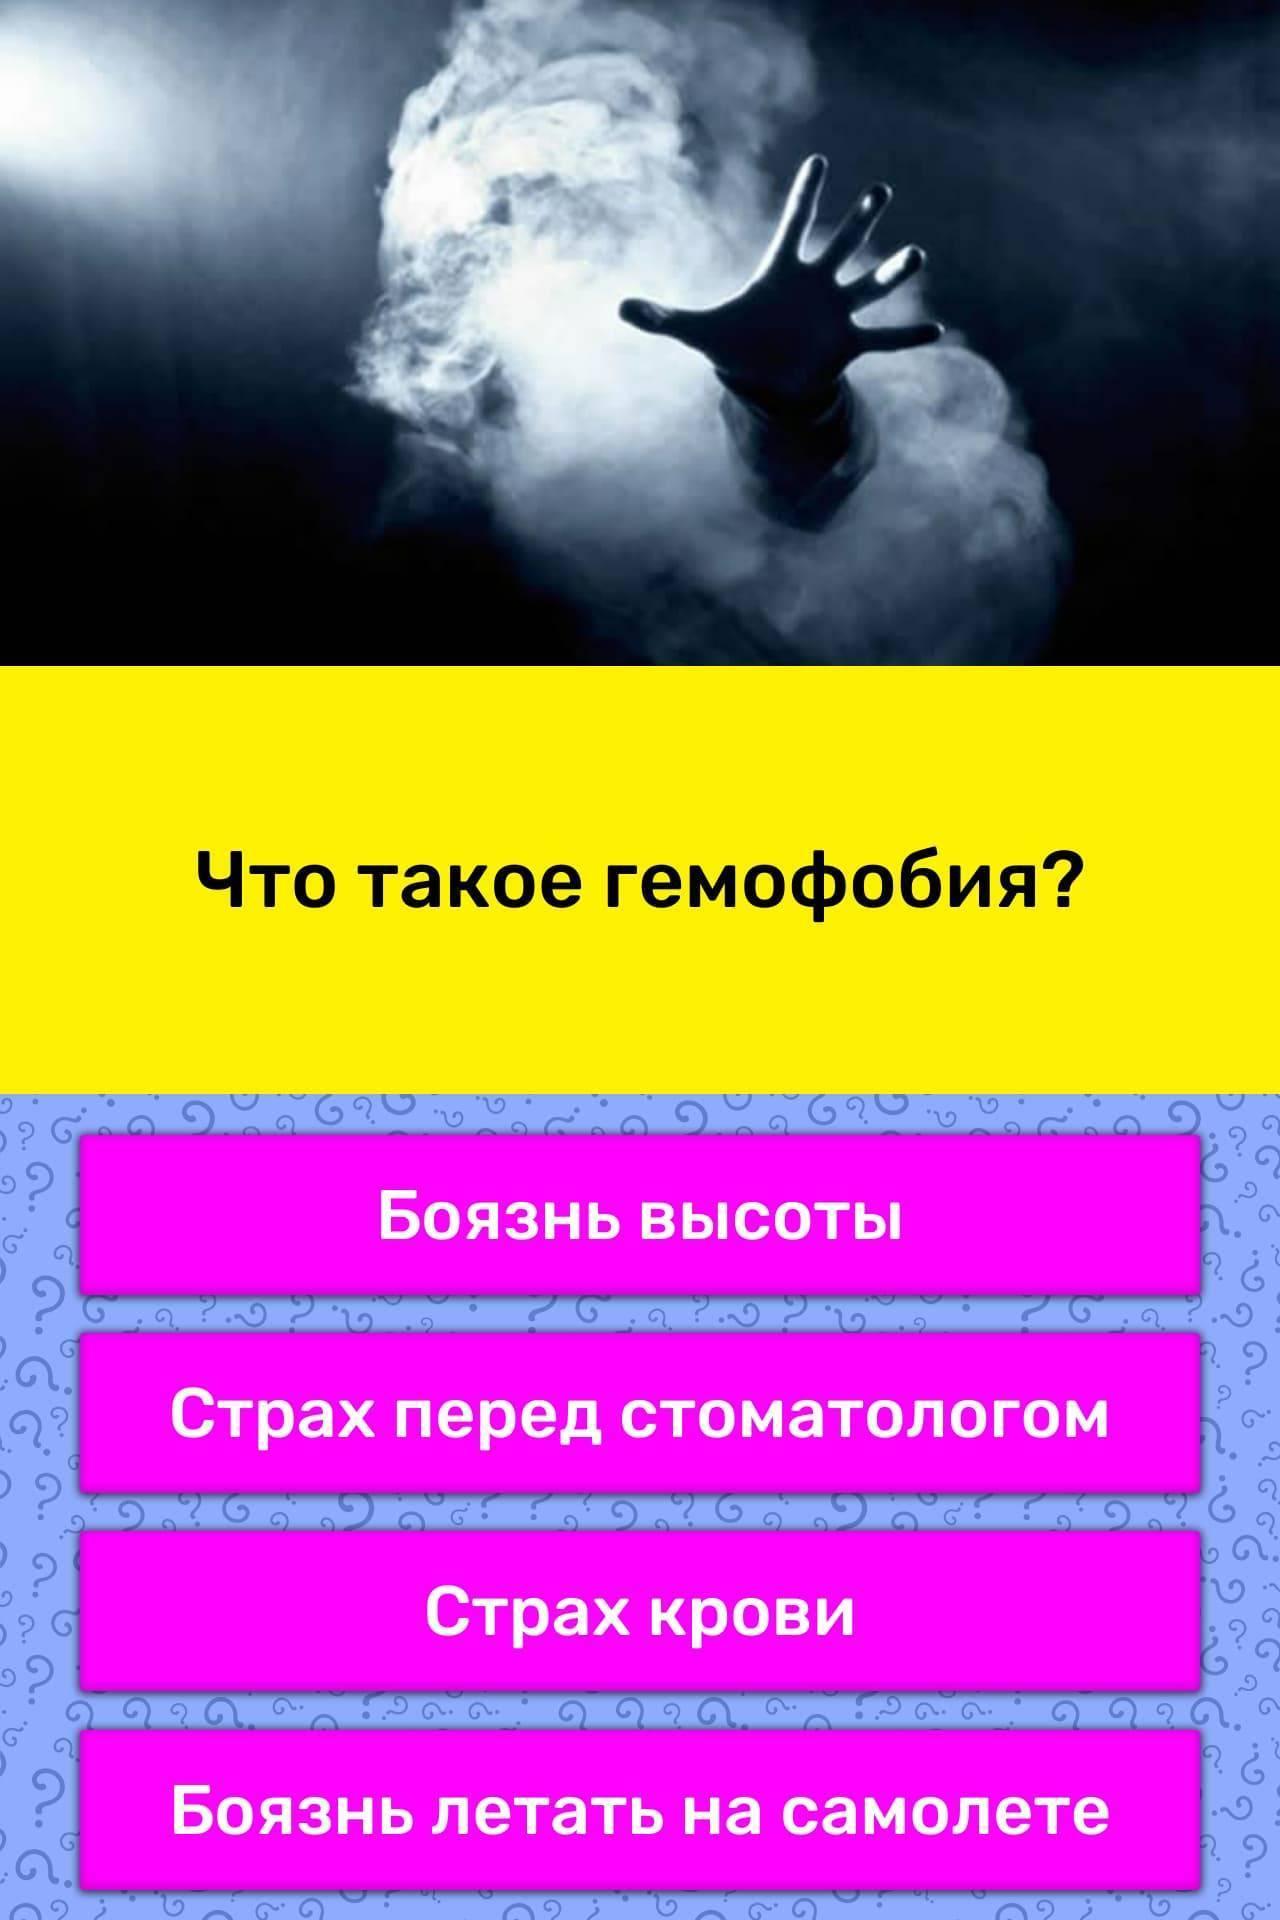 Гермофобия - боязнь крови - причины, лечение